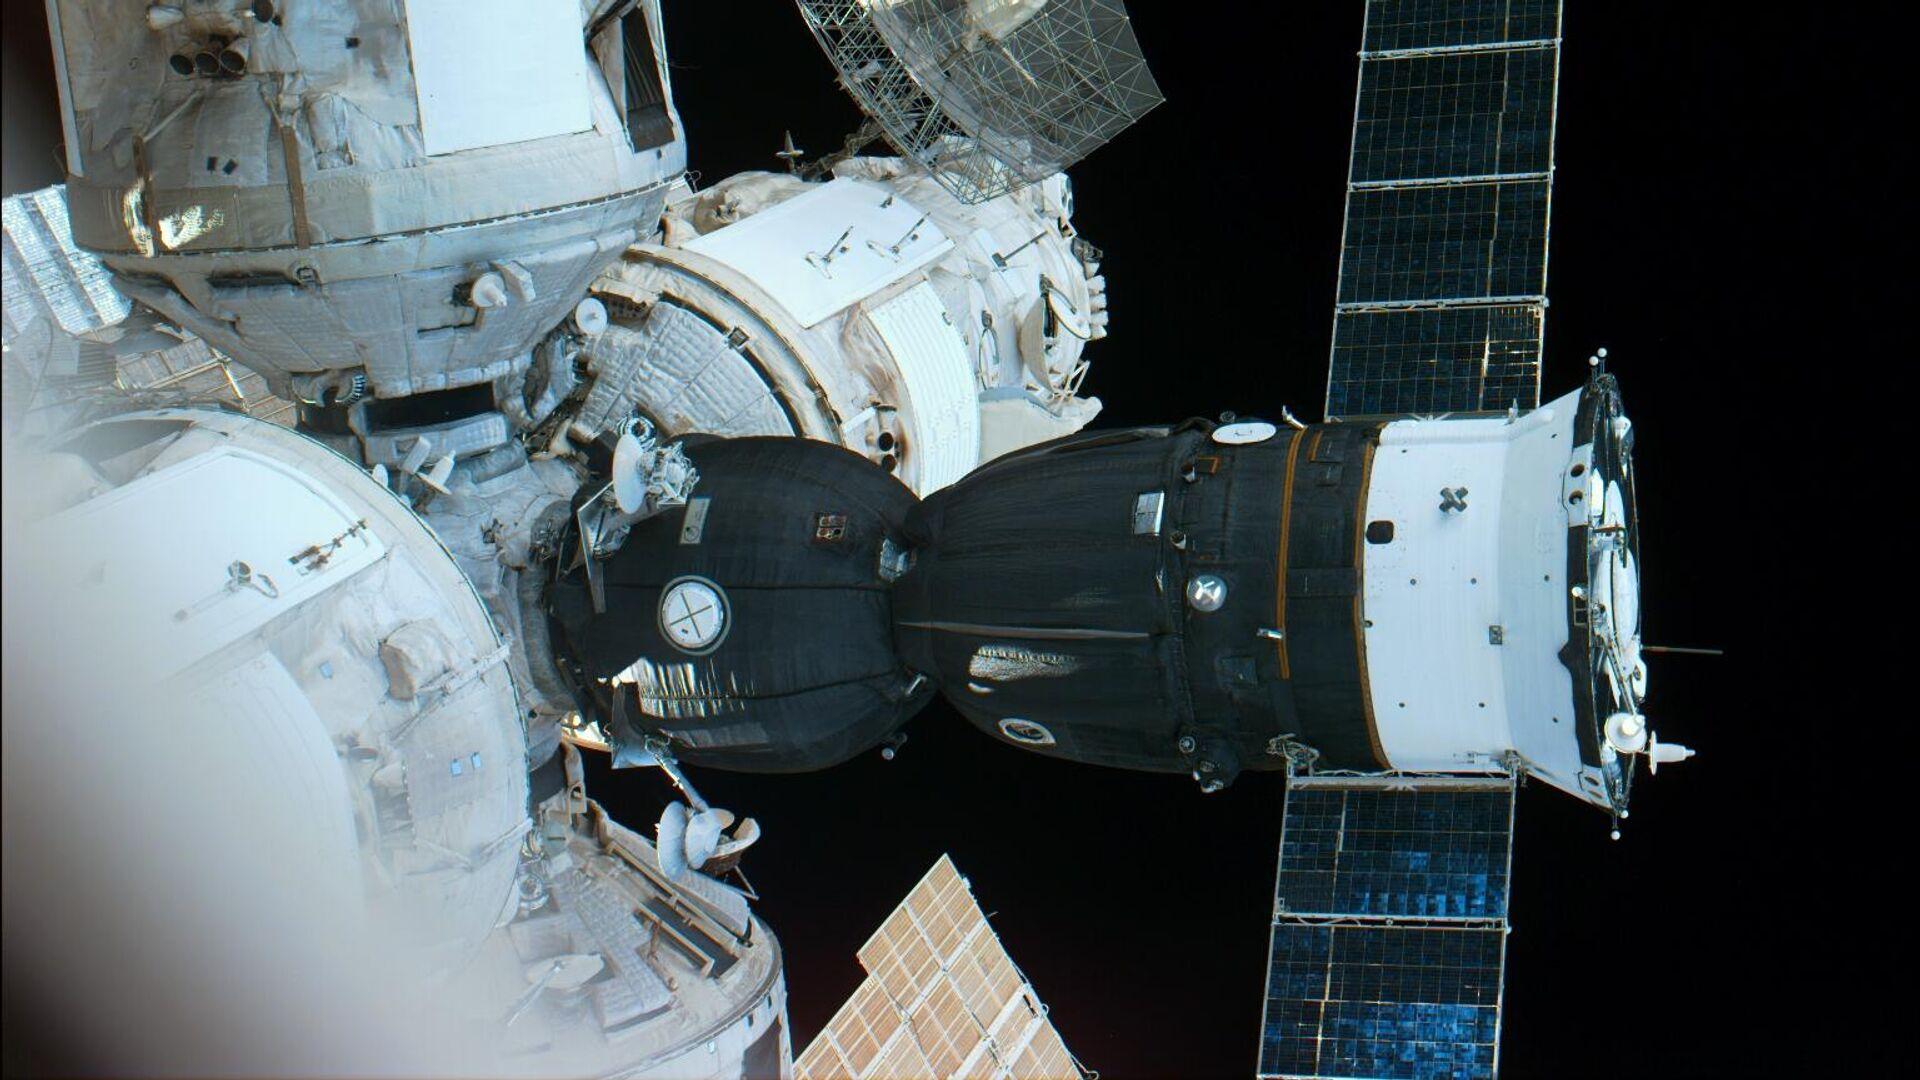 La nave Soyuz acoplada a la estación orbital Mir - Sputnik Mundo, 1920, 23.03.2021